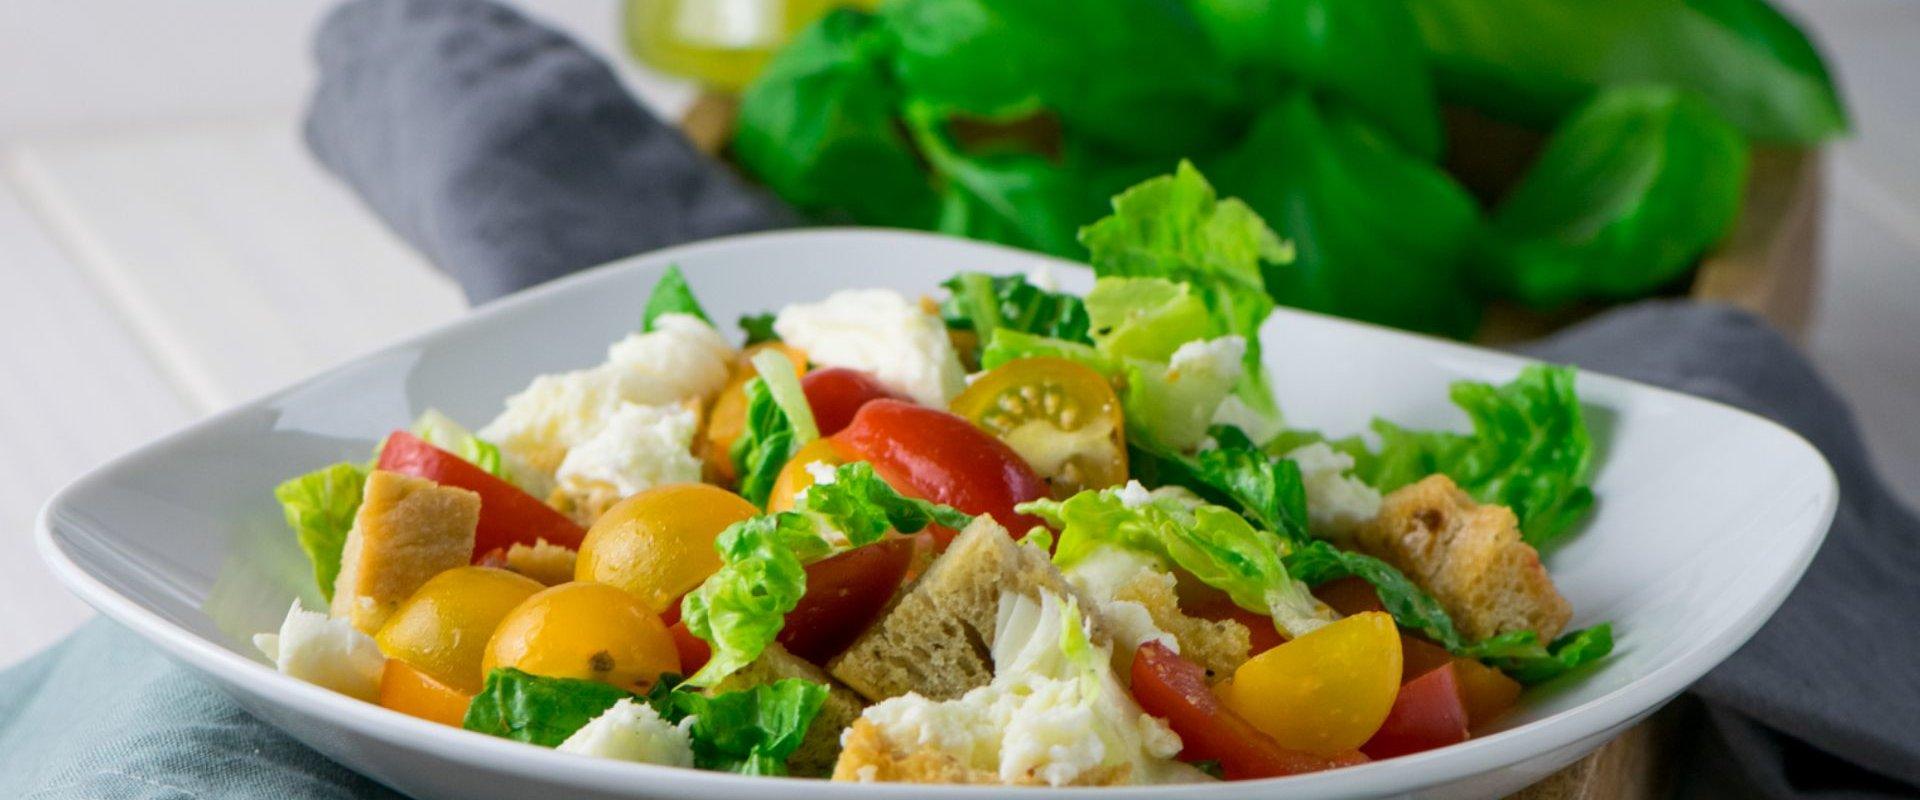 Einfacher Brotsalat mit Mozzarella - mega beliebtes & leckeres Rezept